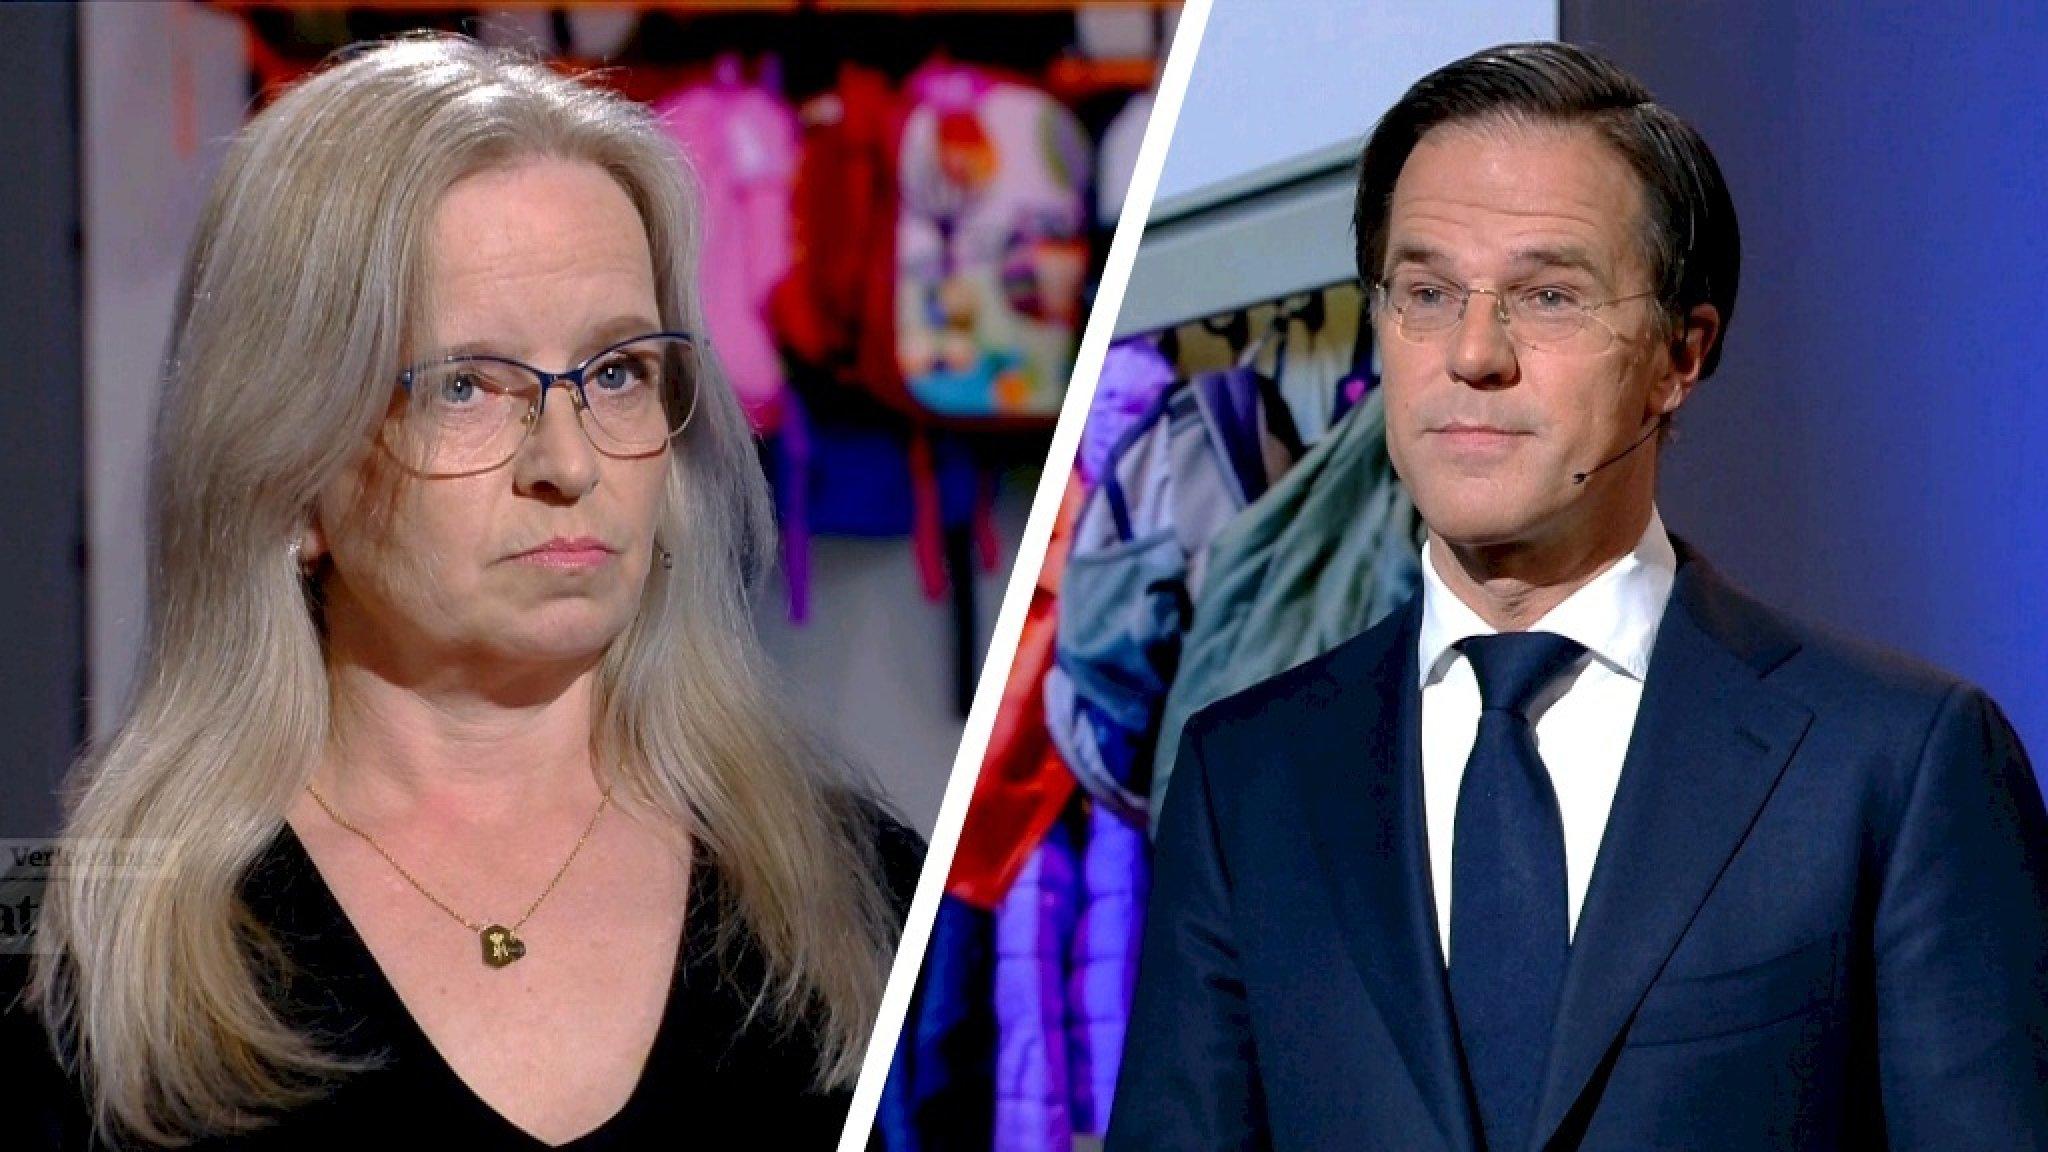 Kristie over haar 'ik stop u even'-uitspraak tegen Rutte: 'Het floepte eruit' - RTL Nieuws